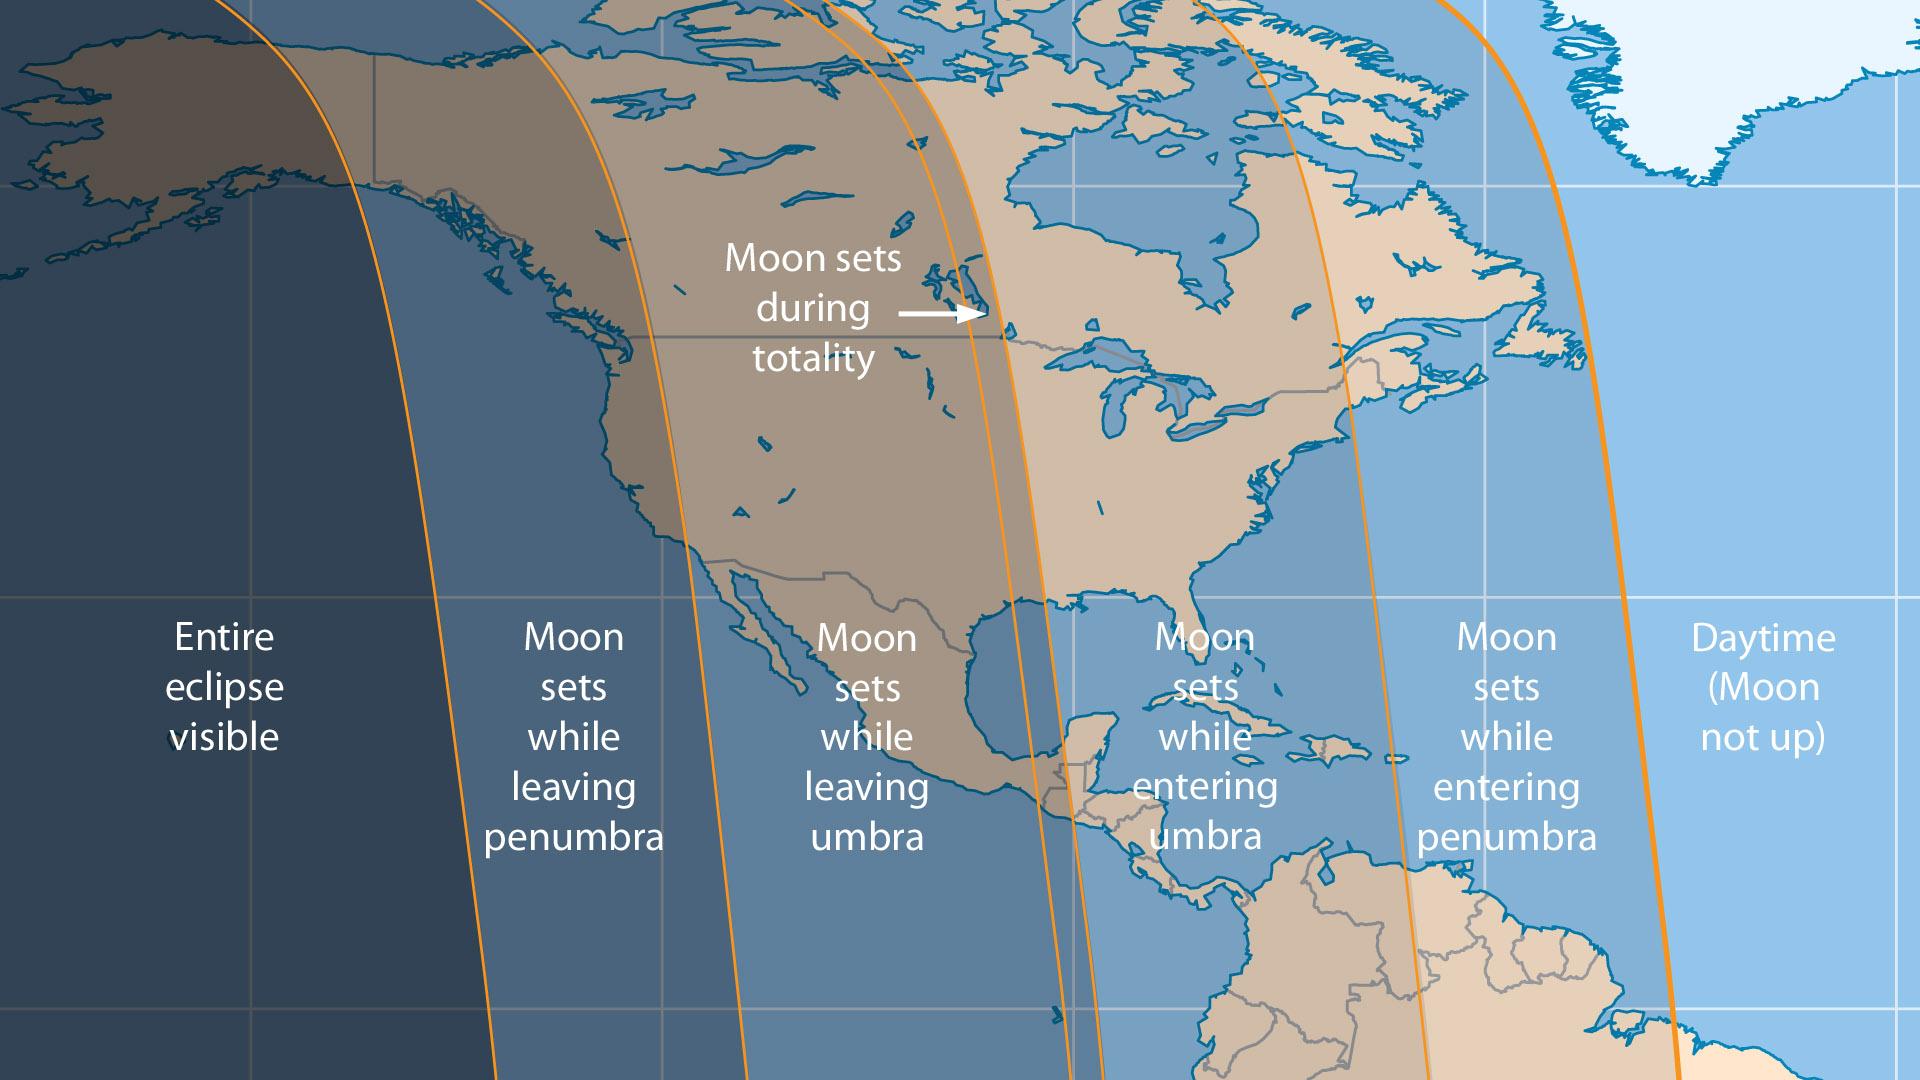 April 2015 lunar eclipse visibility